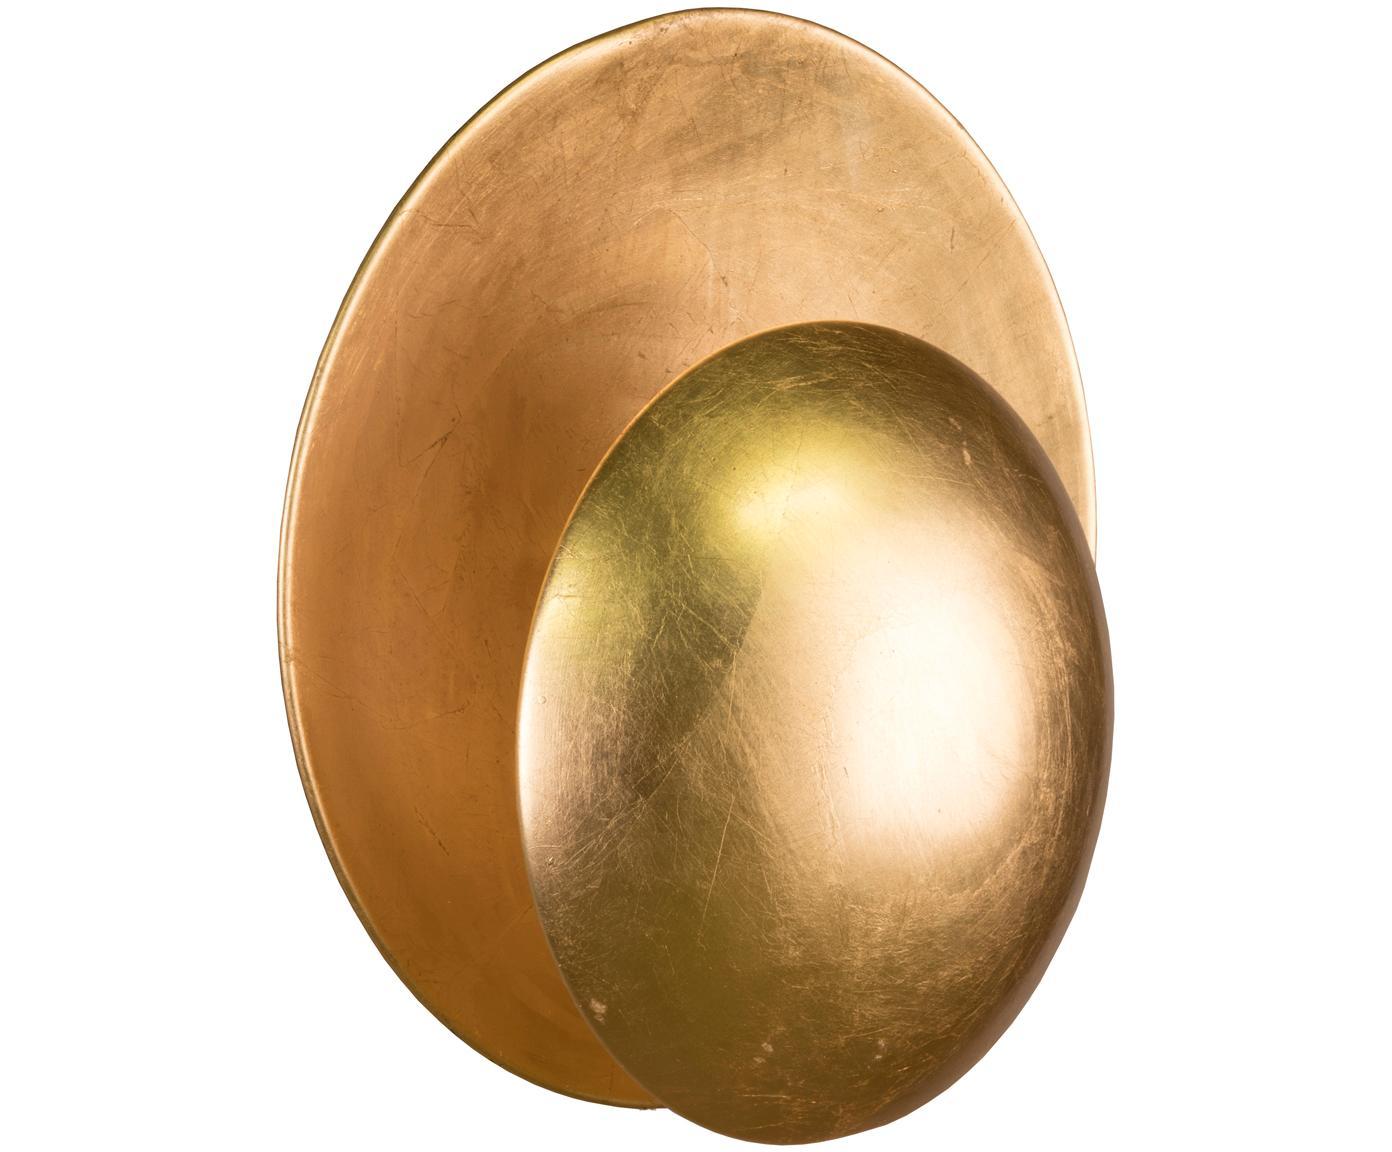 Wandleuchte Orbit, Metall, mit Blattgold überzogen, Goldfarben, Ø 30 x T 15 cm